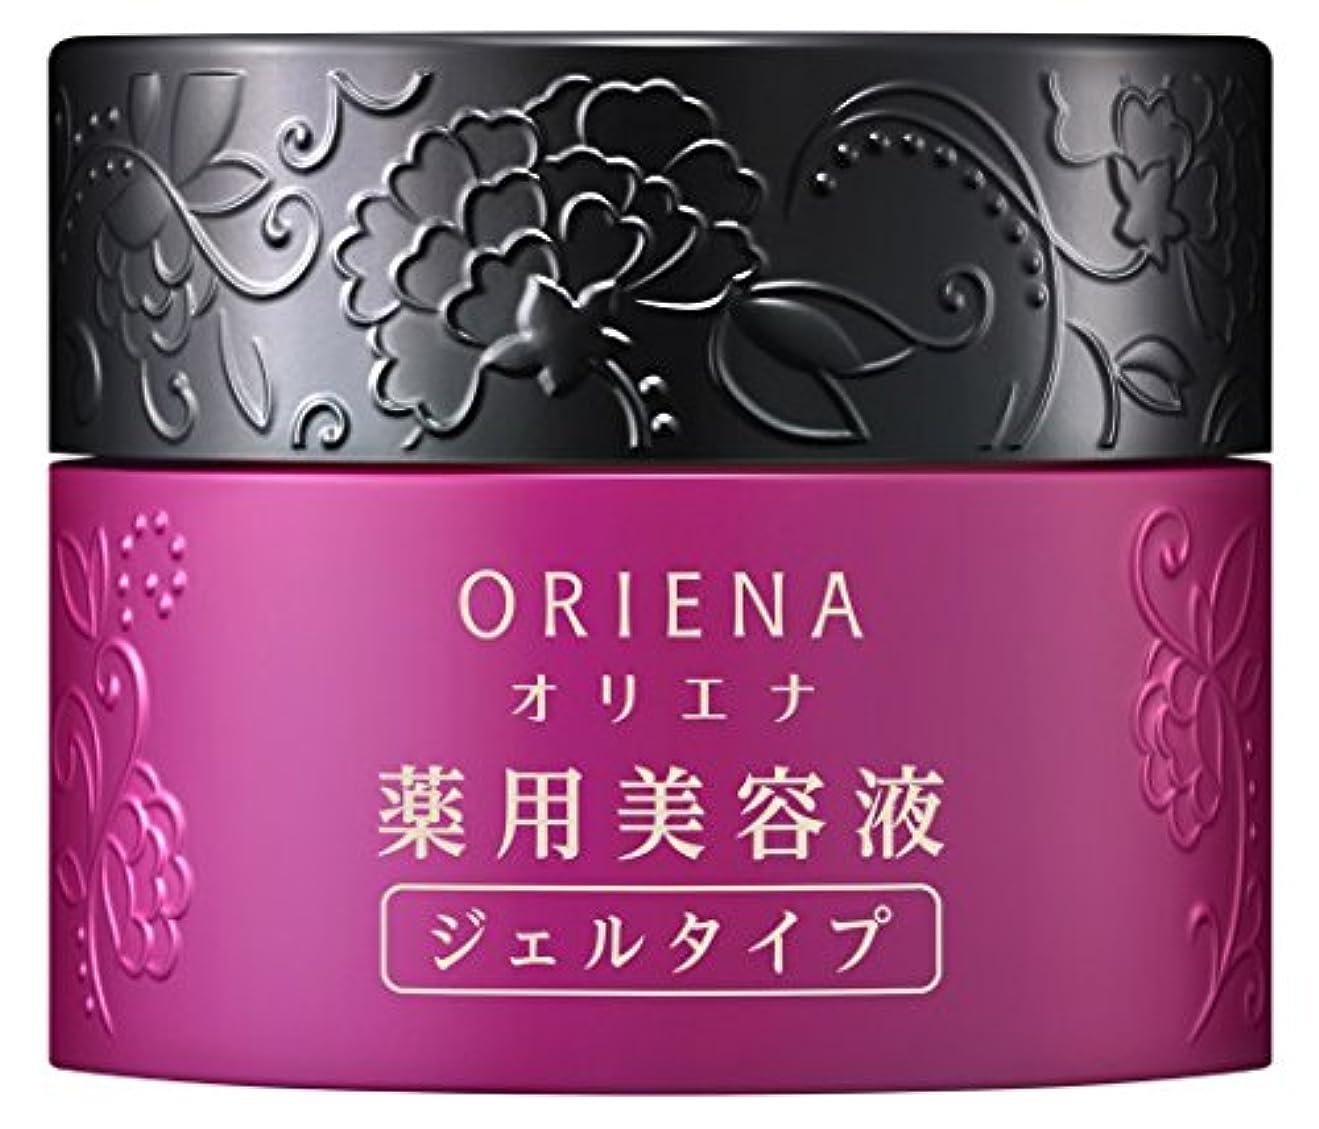 心理的ジョリー結核花王 オリエナ 薬用美容液 ジェルタイプ 30g